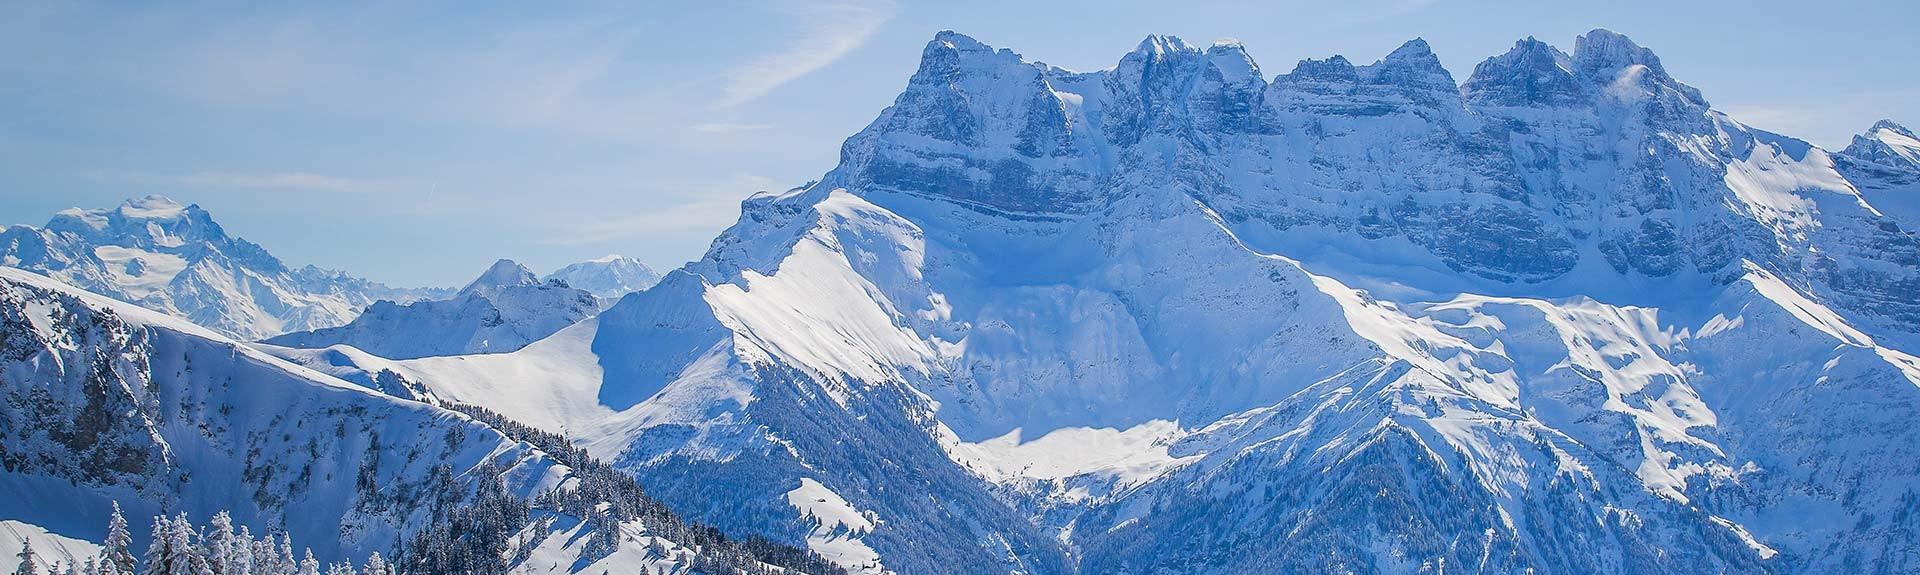 domaine-skiable-portes-du-soleil